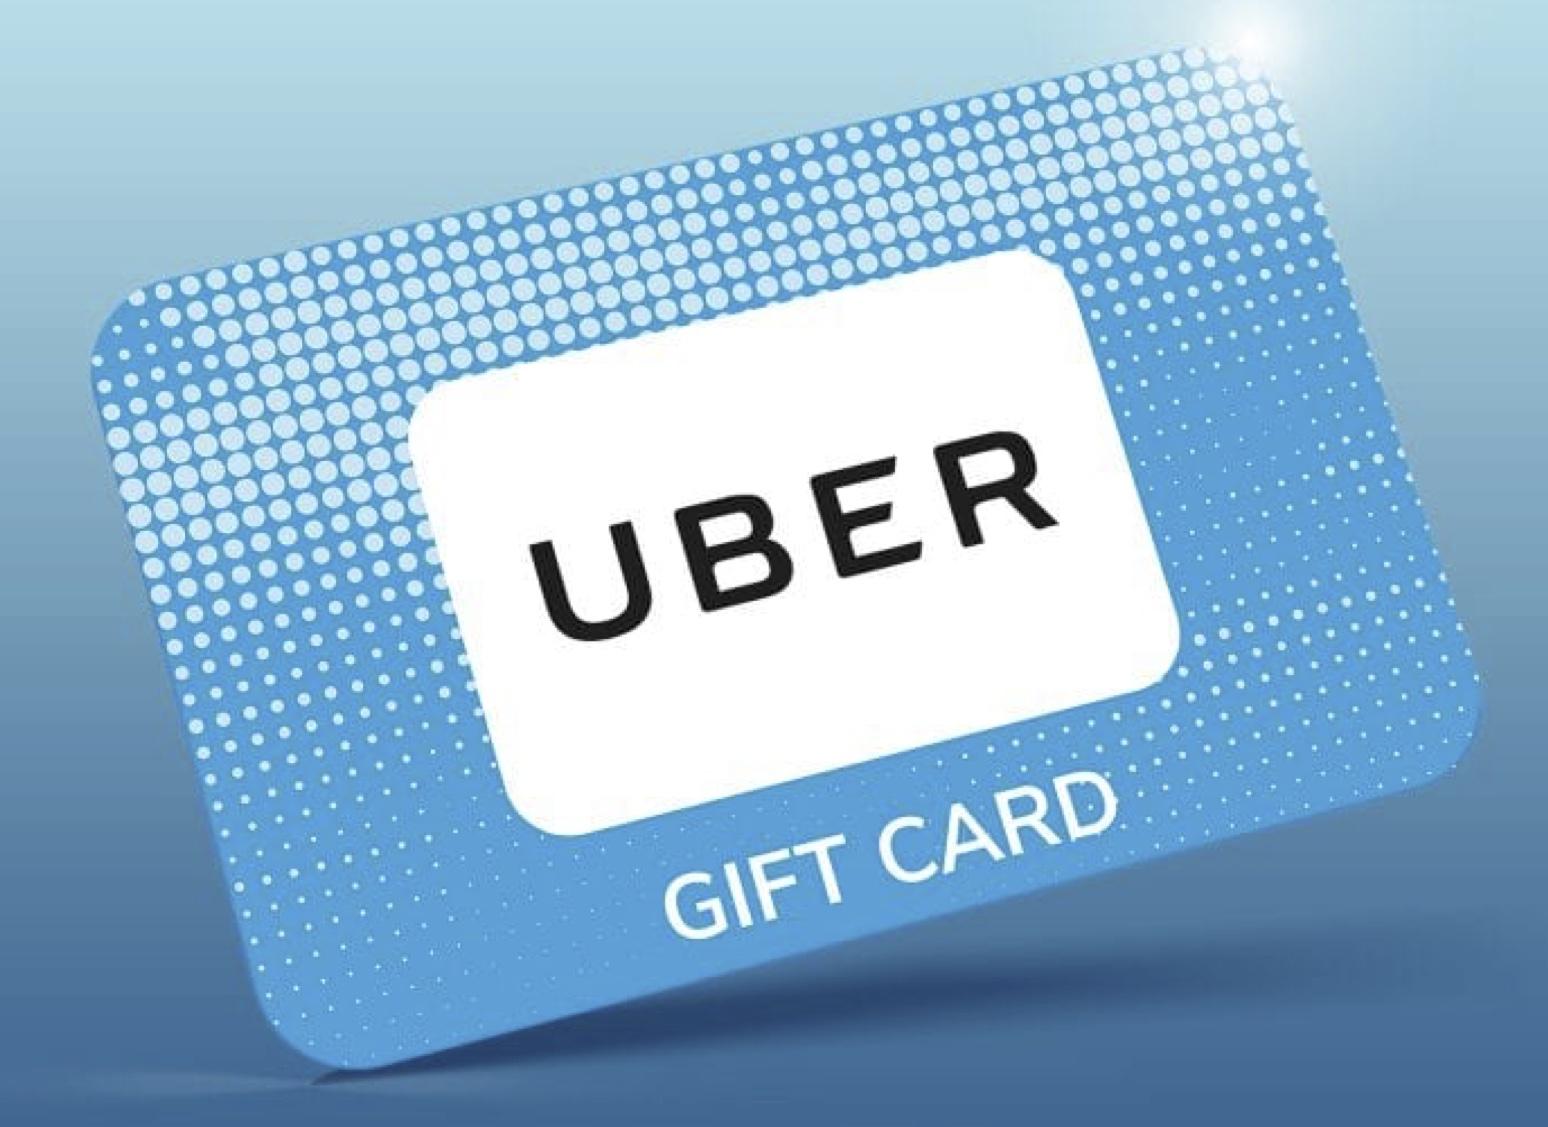 Uber Gift Card Image.jpg